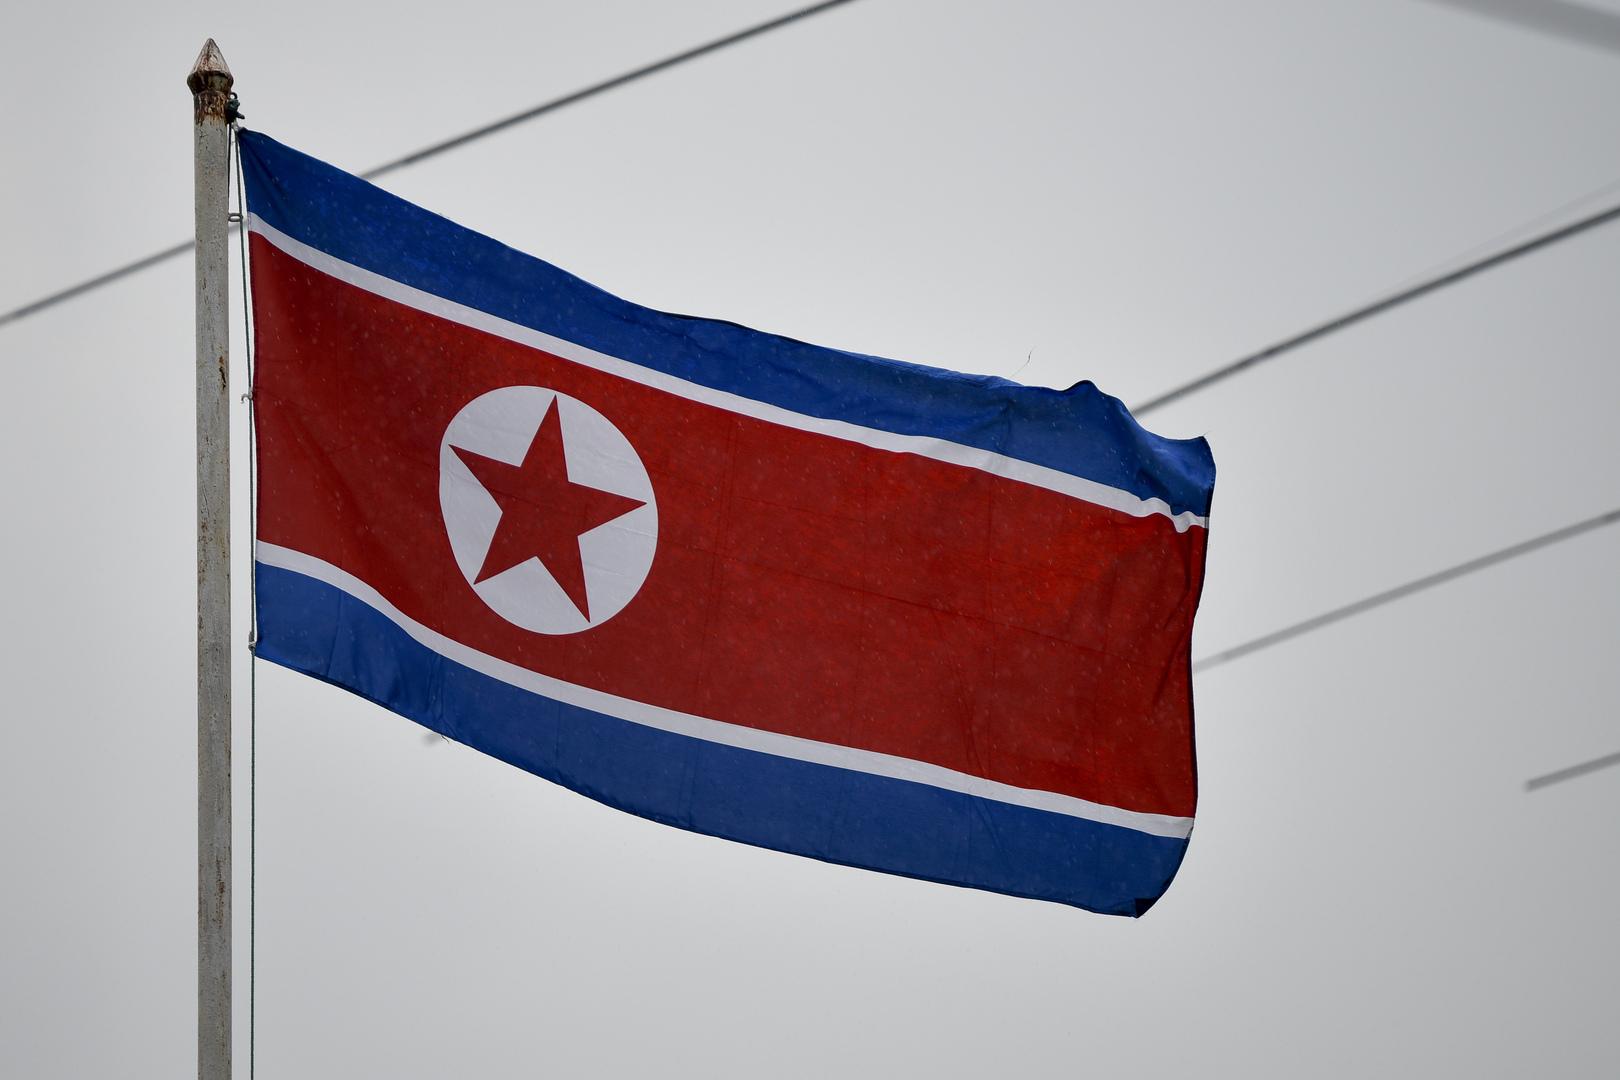 إعلام كوريا الشمالية: تم اختبار نظام جديد لإطلاق الصواريخ من القطار